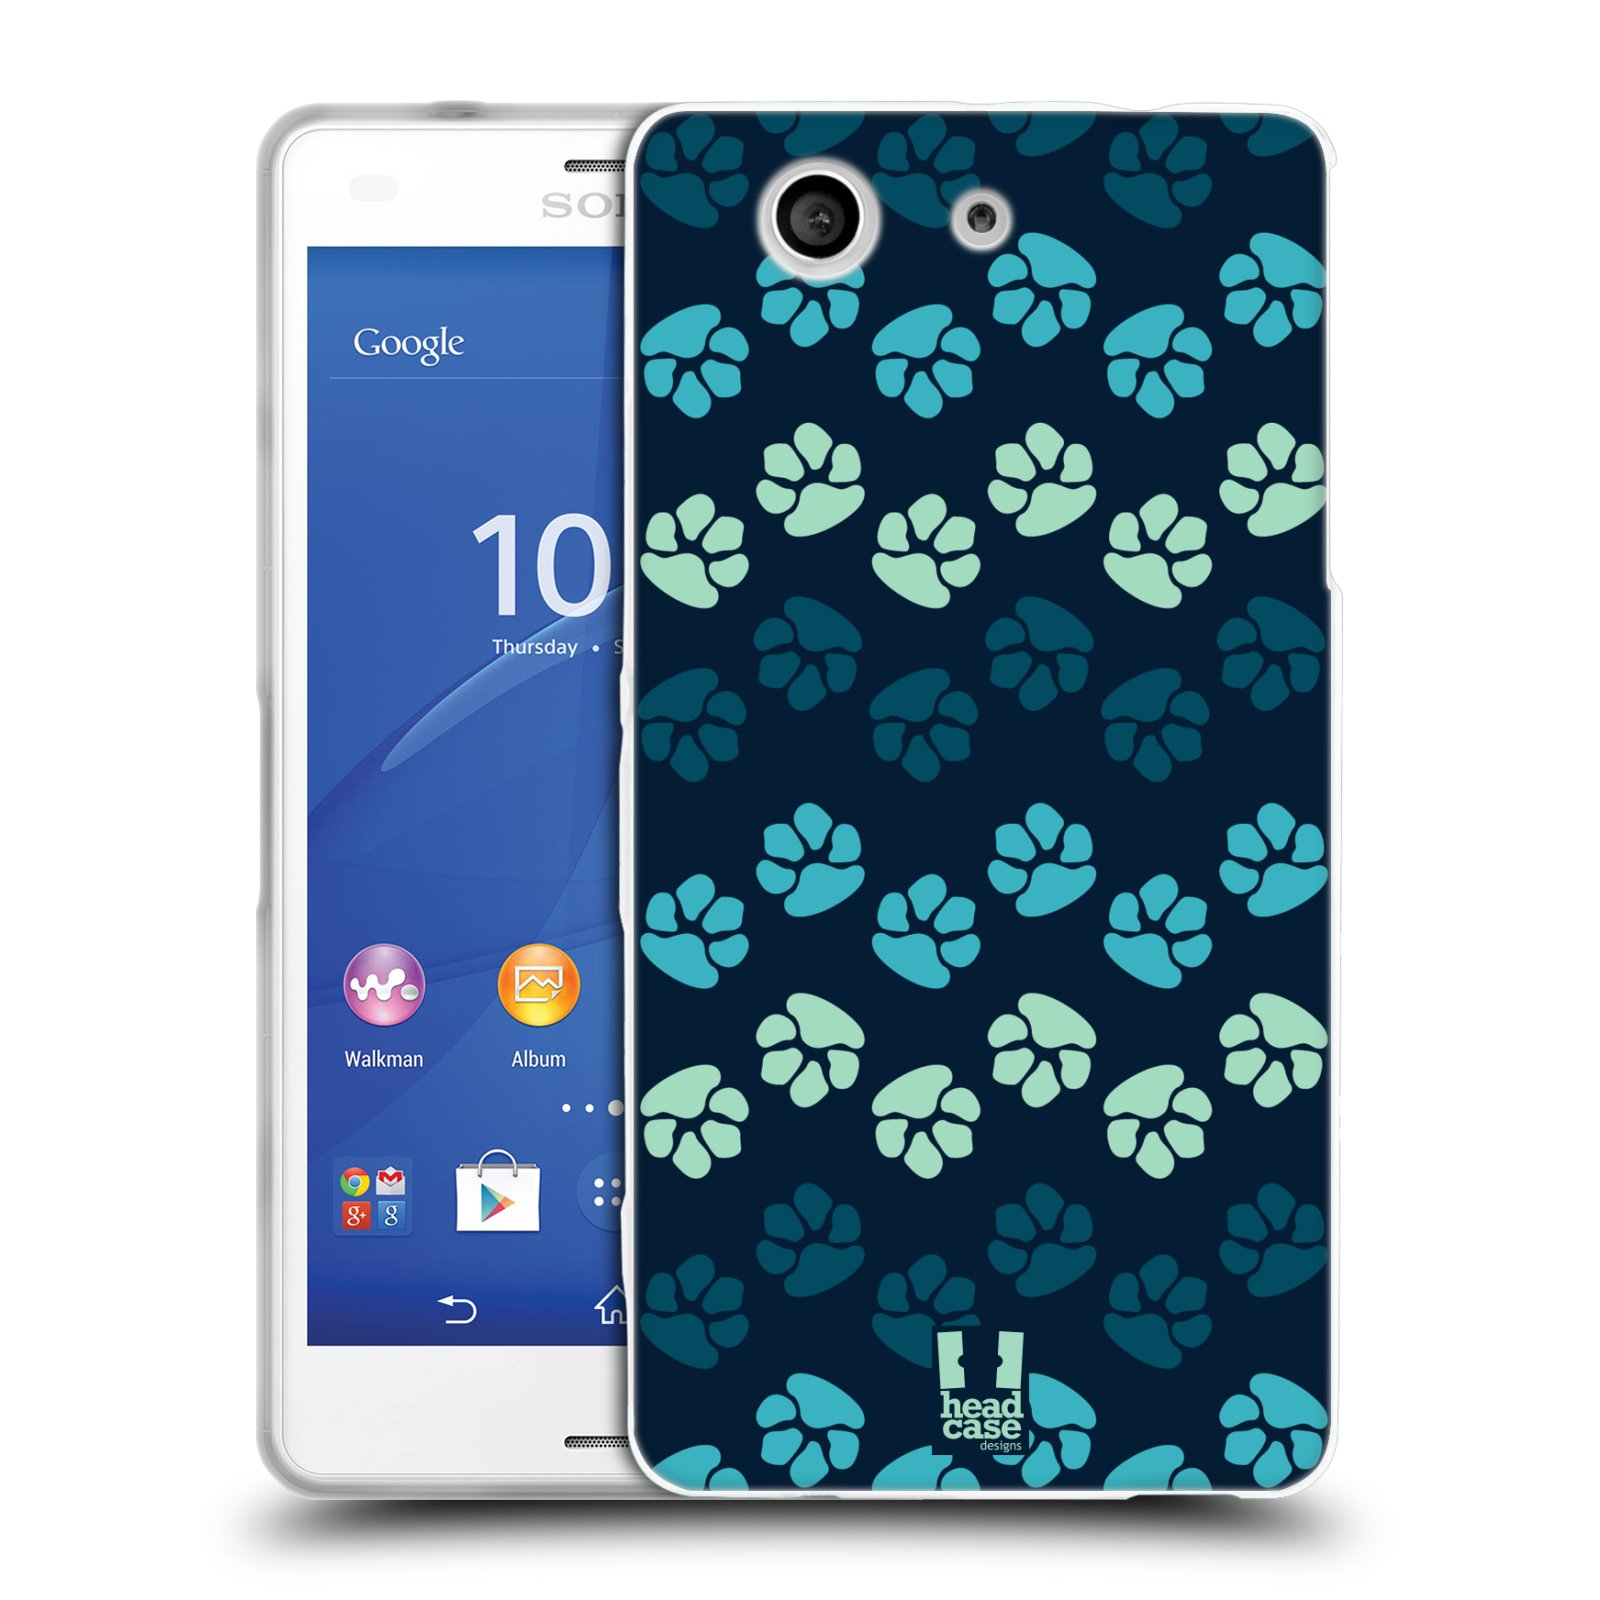 Silikonové pouzdro na mobil Sony Xperia Z3 Compact D5803 HEAD CASE TLAPKY MODRÉ (Silikonový kryt či obal na mobilní telefon Sony Xperia Z3 Compact)